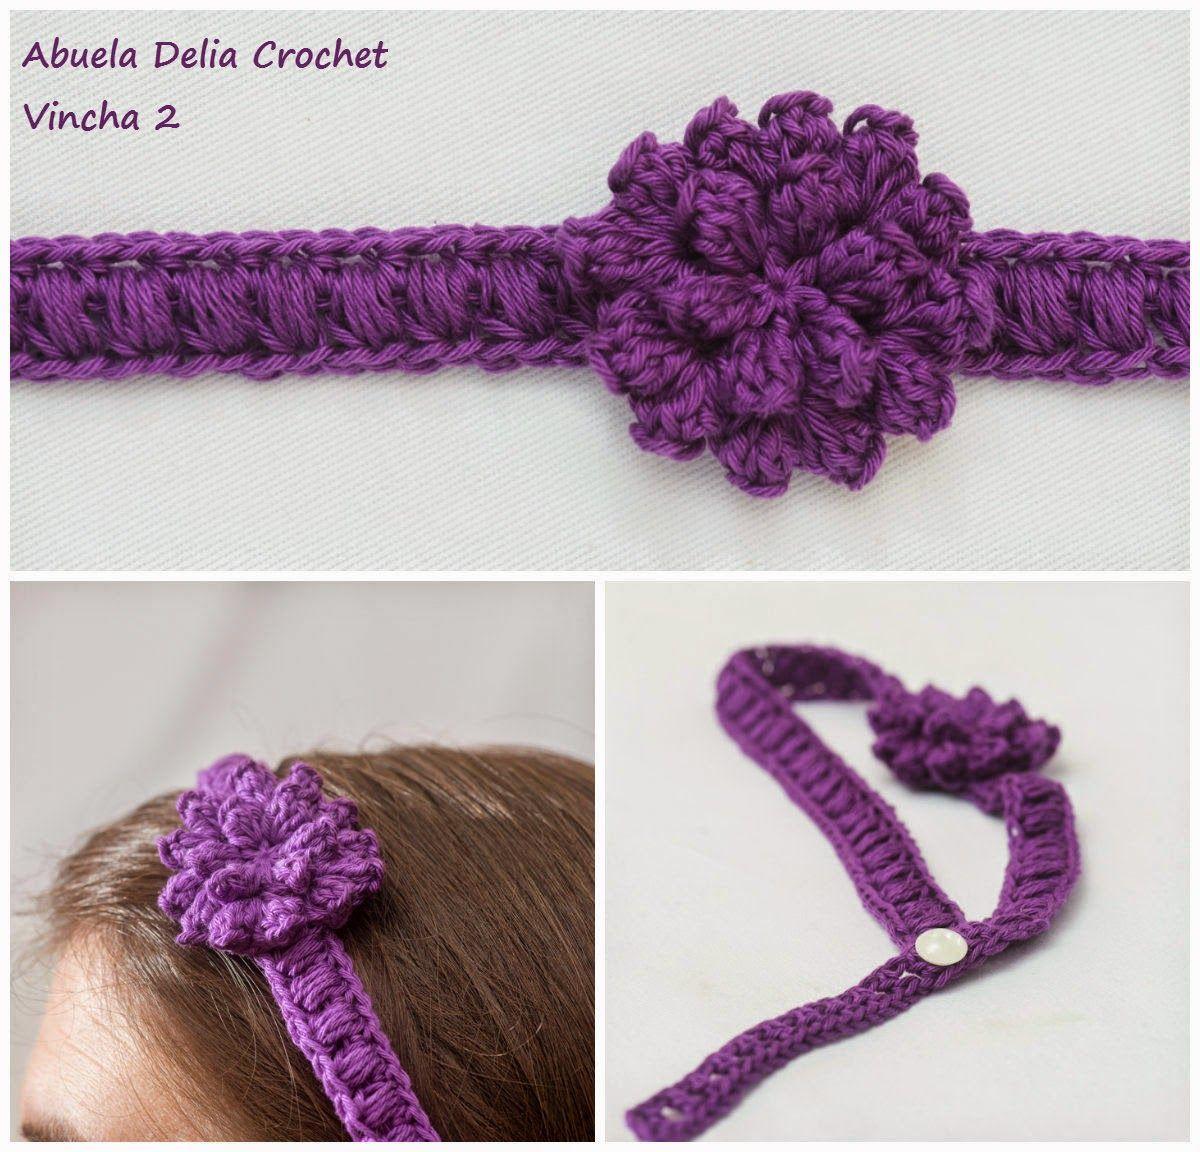 Vinchas para el cabello en Crochet | Accesorios para niñas ...